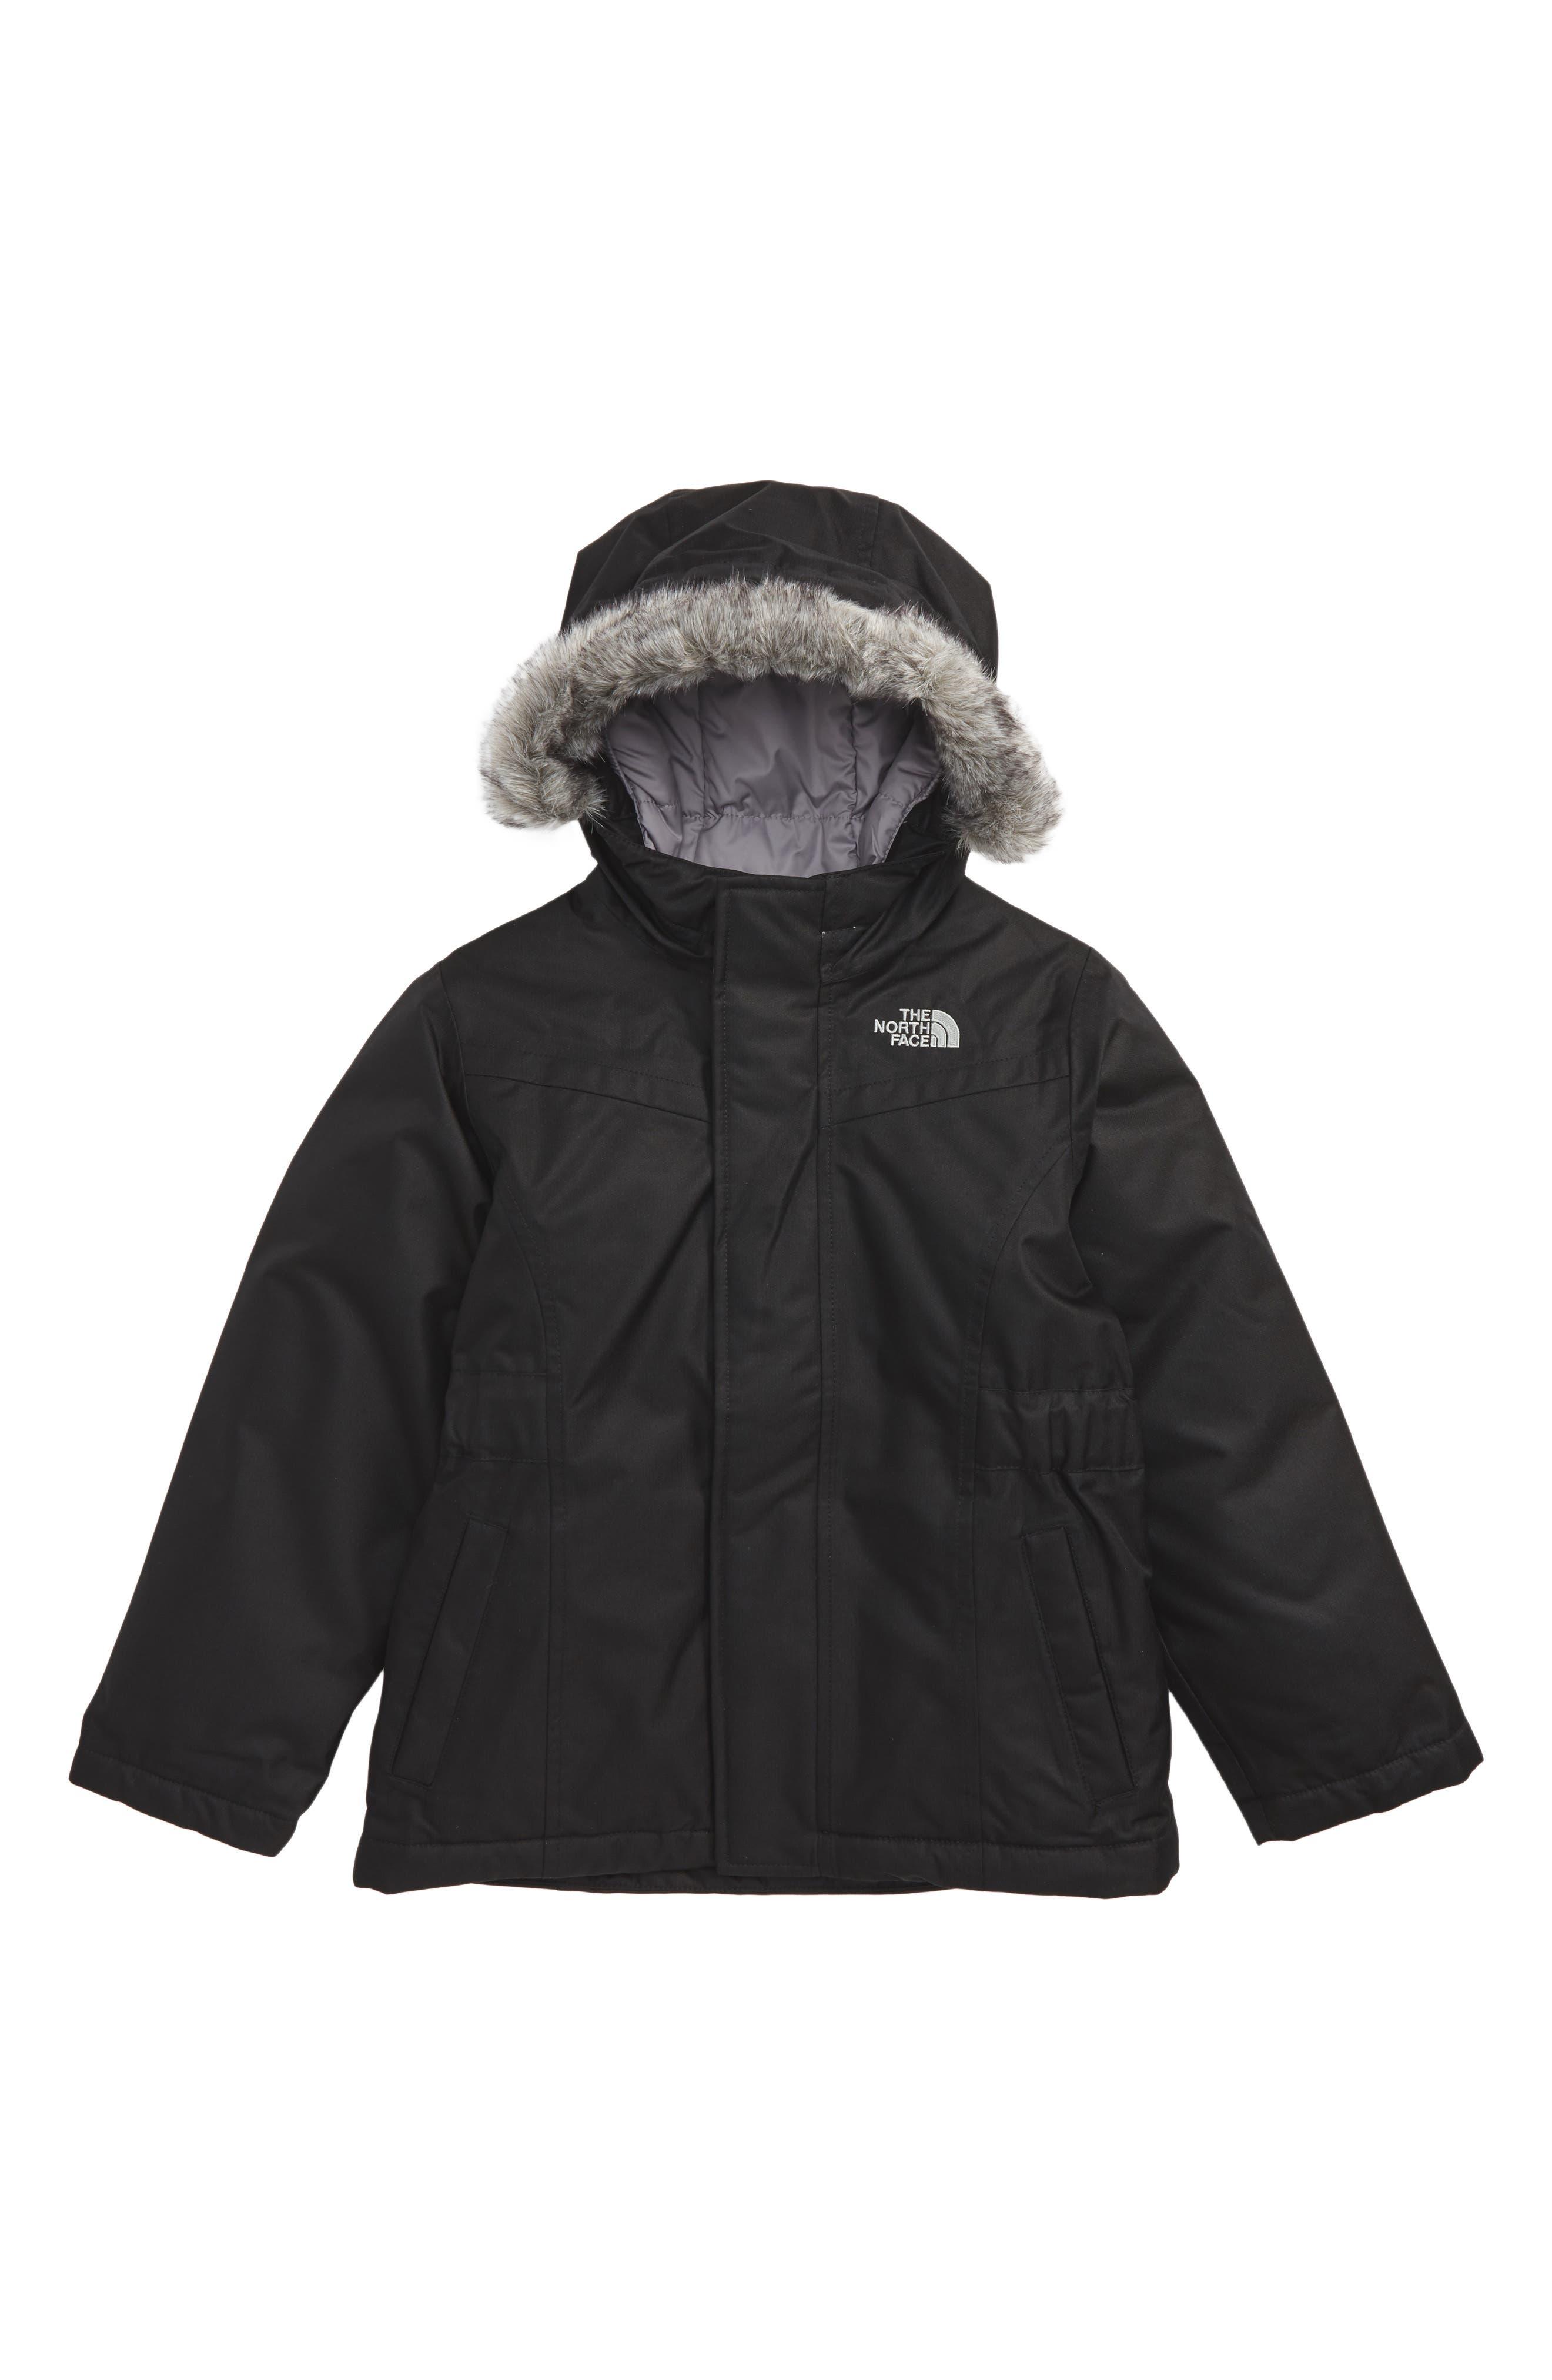 Greenland Waterproof 550-Fill Down Jacket,                             Main thumbnail 1, color,                             001